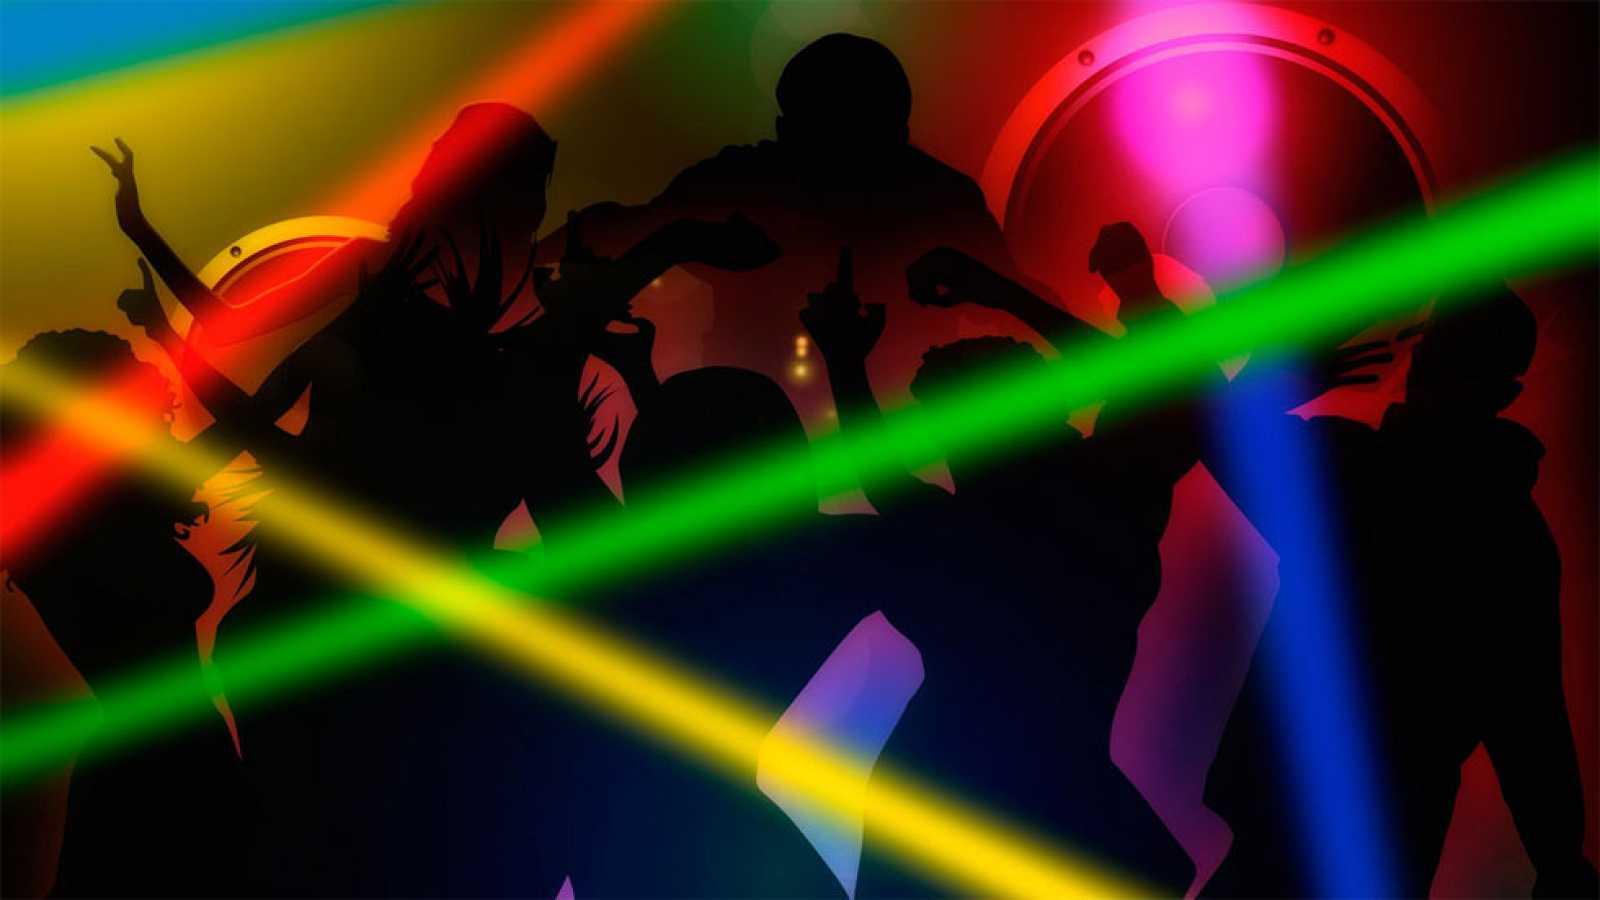 Los tocamientos e insultos no son percibidos como acoso sexual por los jóvenes en ambientes de ocio nocturno